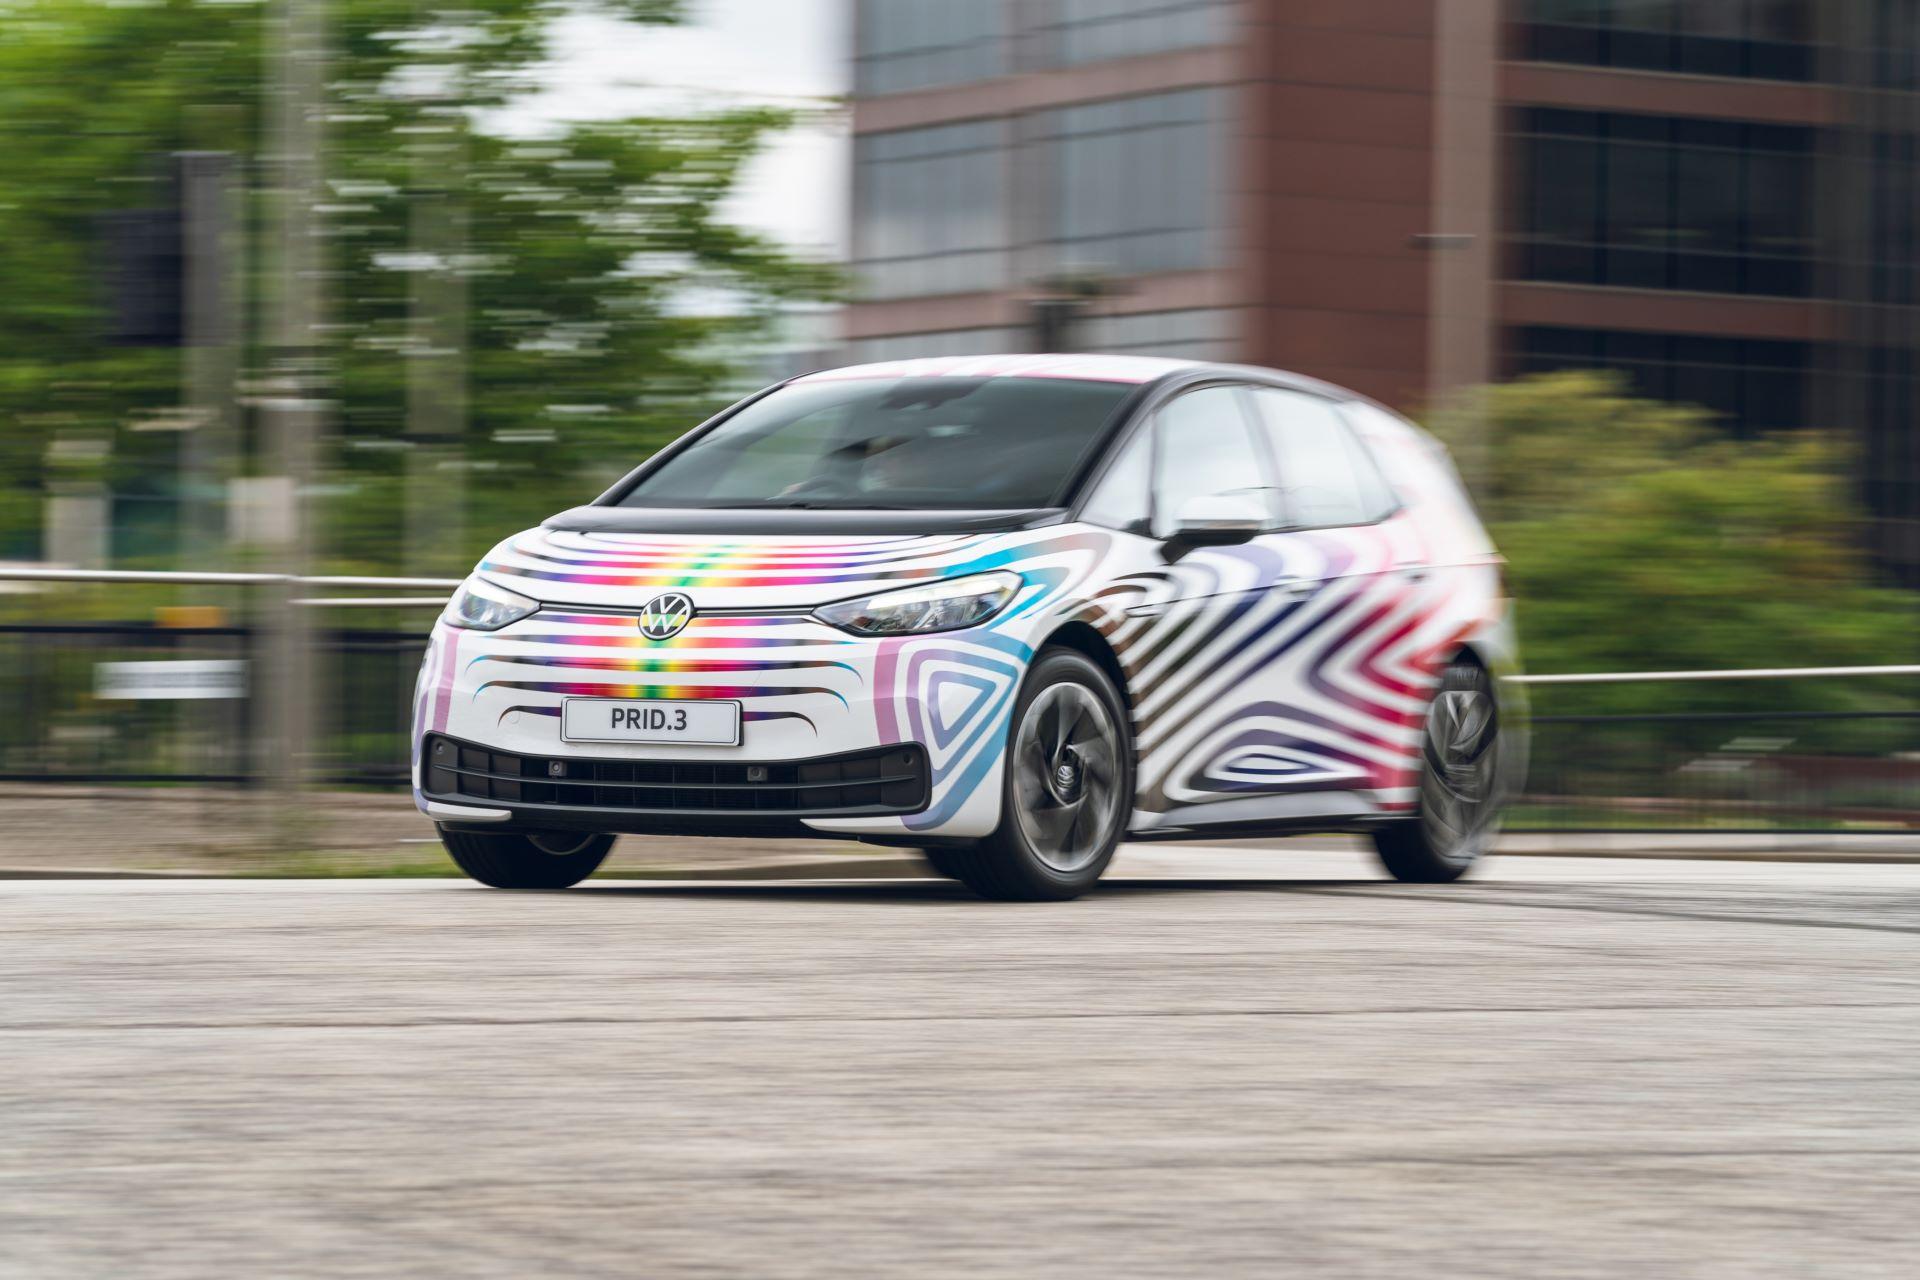 Volkswagen-PRID.3-8